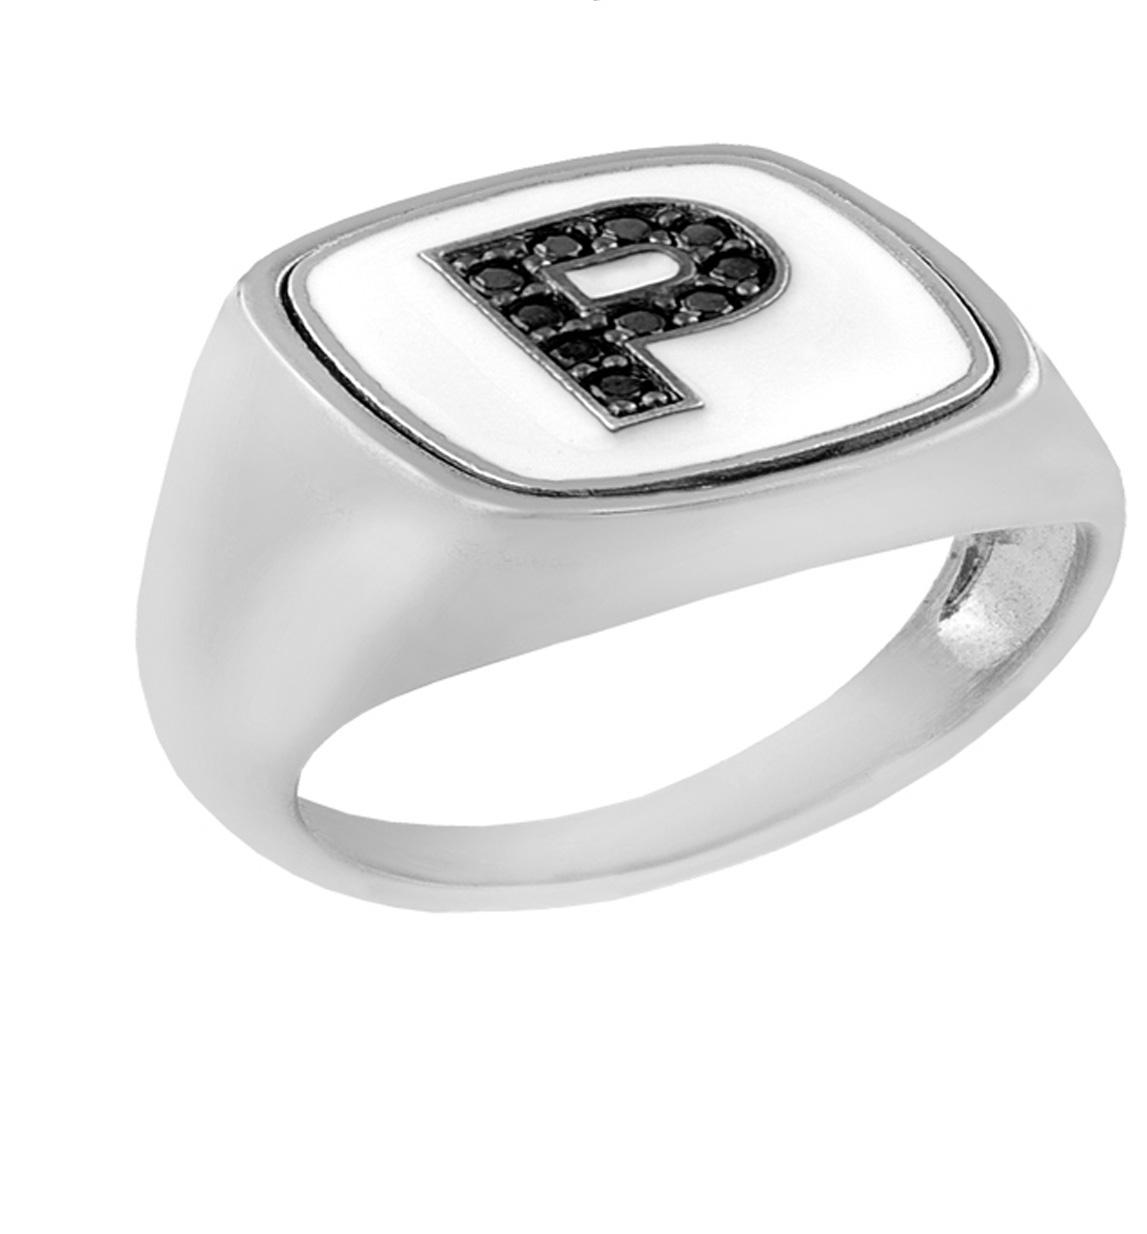 Δαχτυλίδι από ασήμι 925 με το μονόγραμμα Ρ 5180db2f3d3